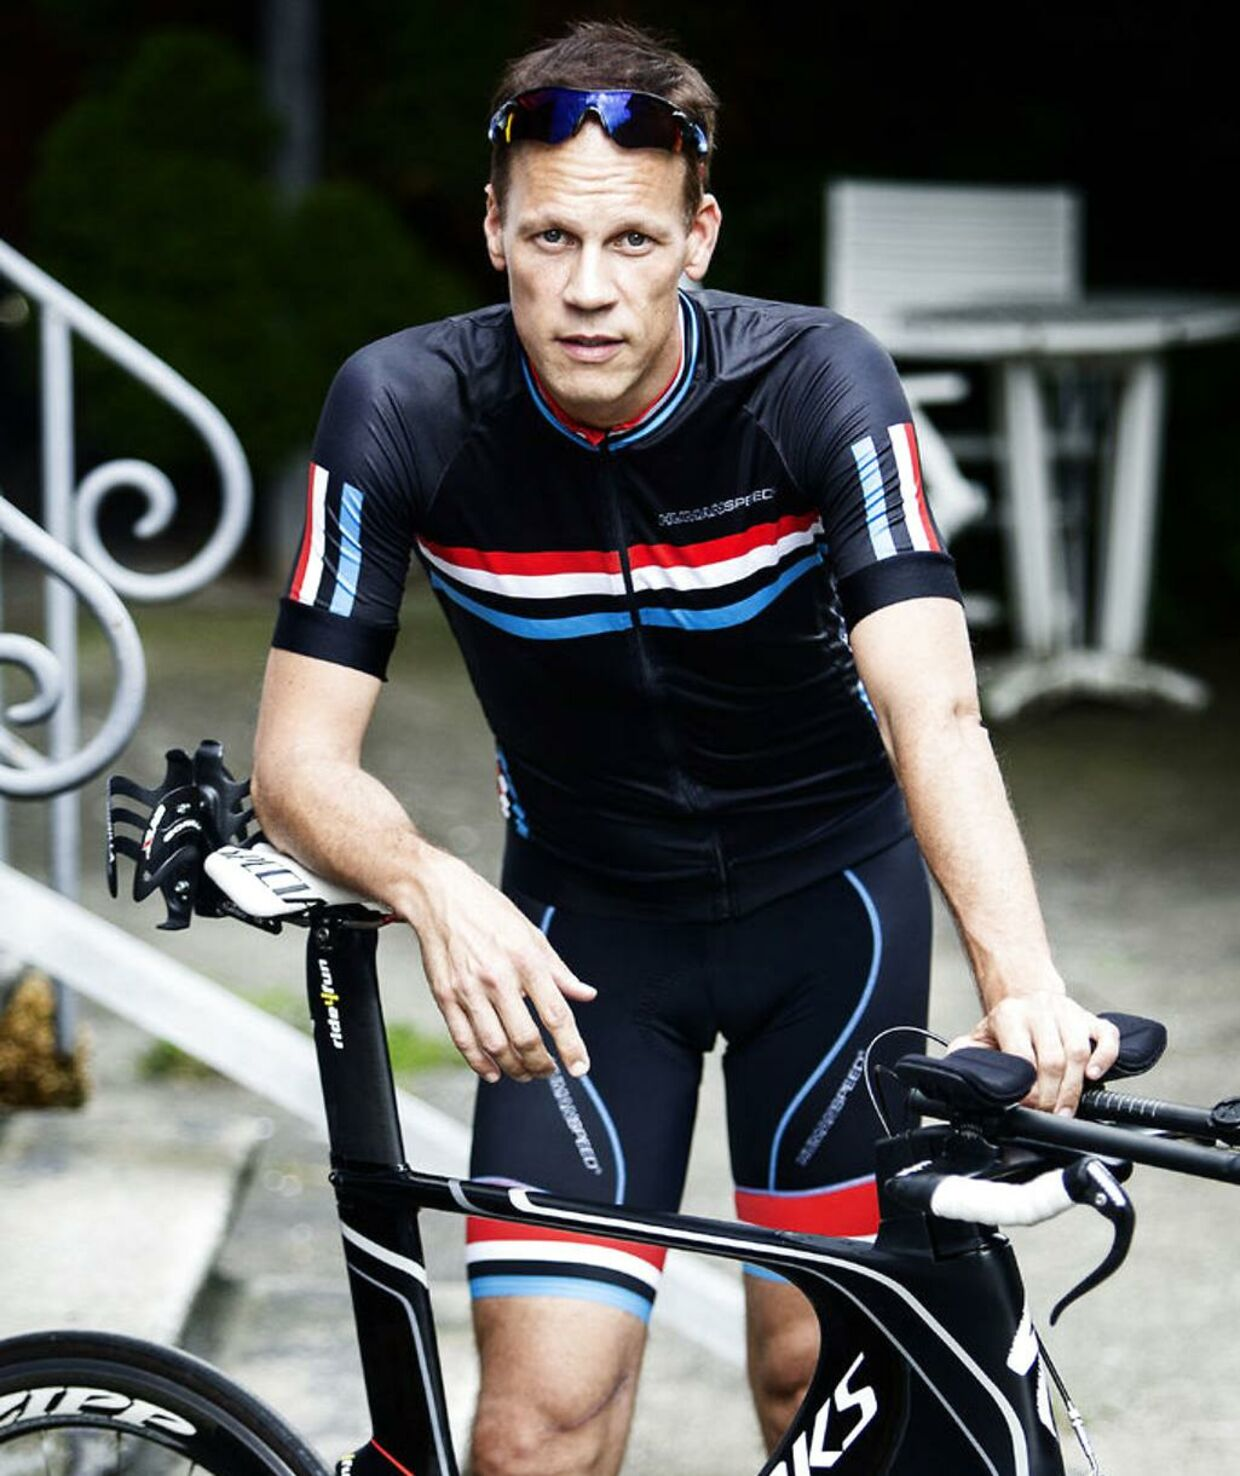 Dennis Ritter har altid elsket cykling, og han kunne ikke lægge cyklingen fra sig, selvom han blev frustreret over de mange cykeltyverier, han var udsat for.